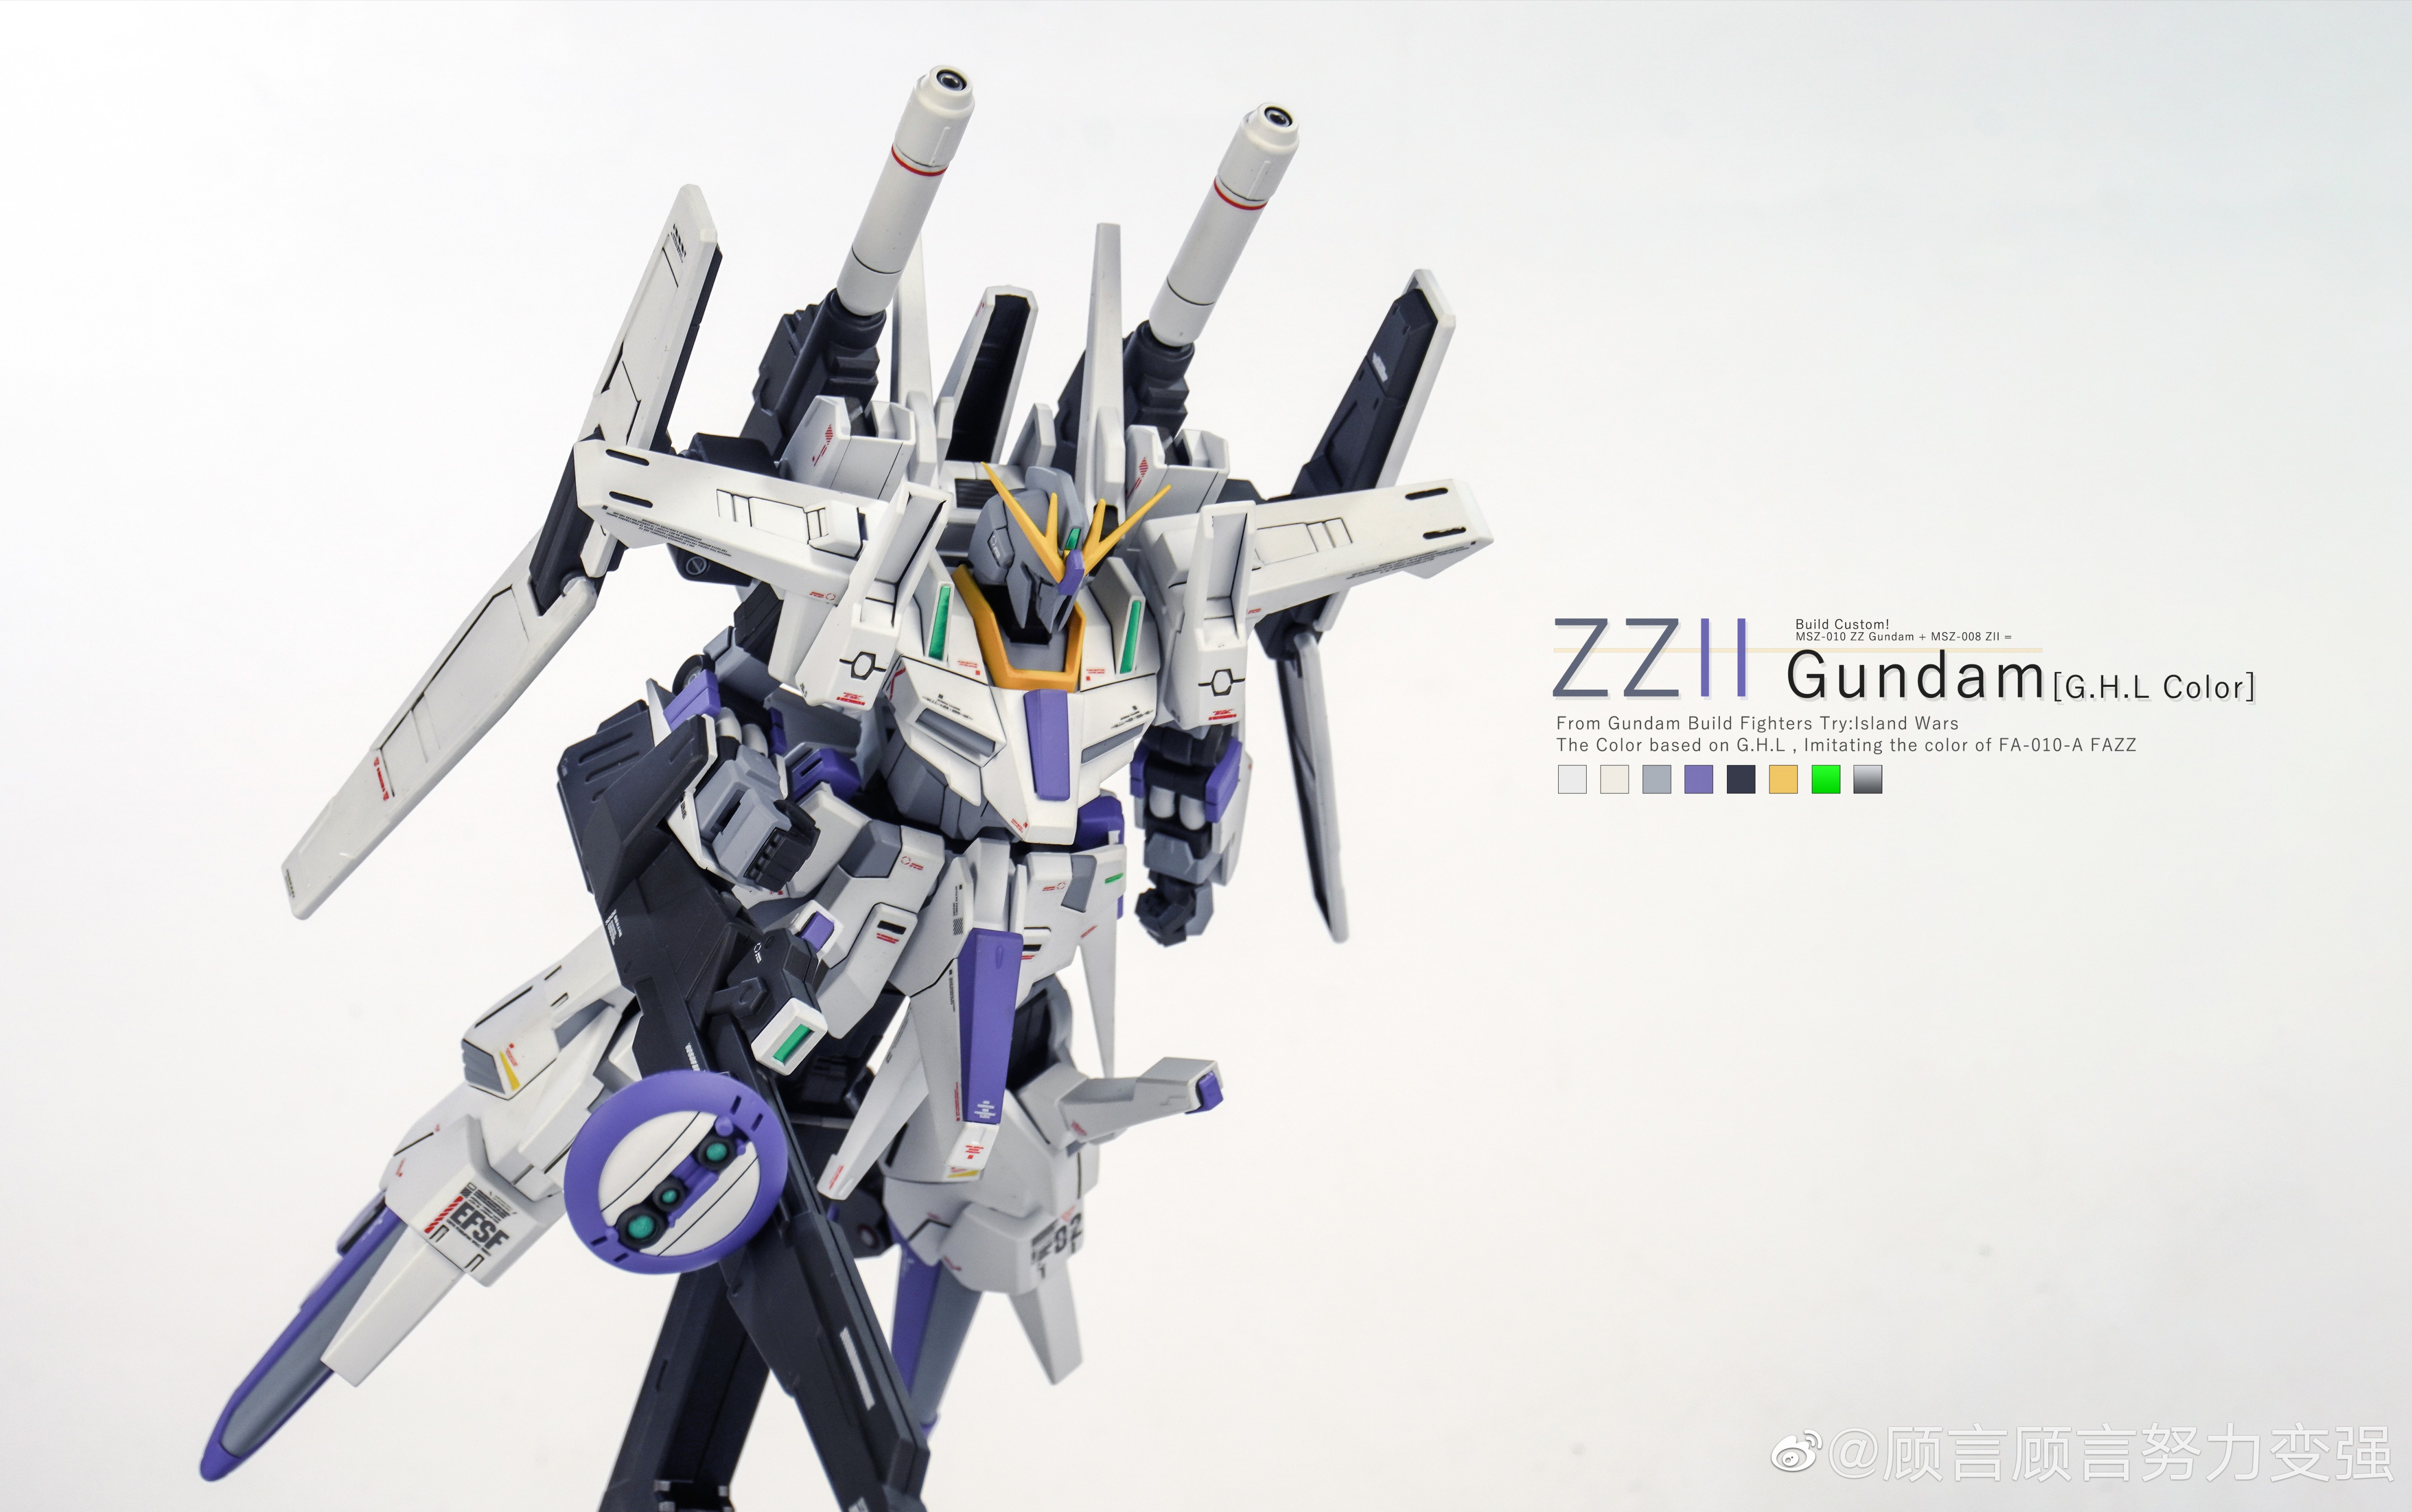 G868_HG_ZZ2_GK_0928_001.jpg